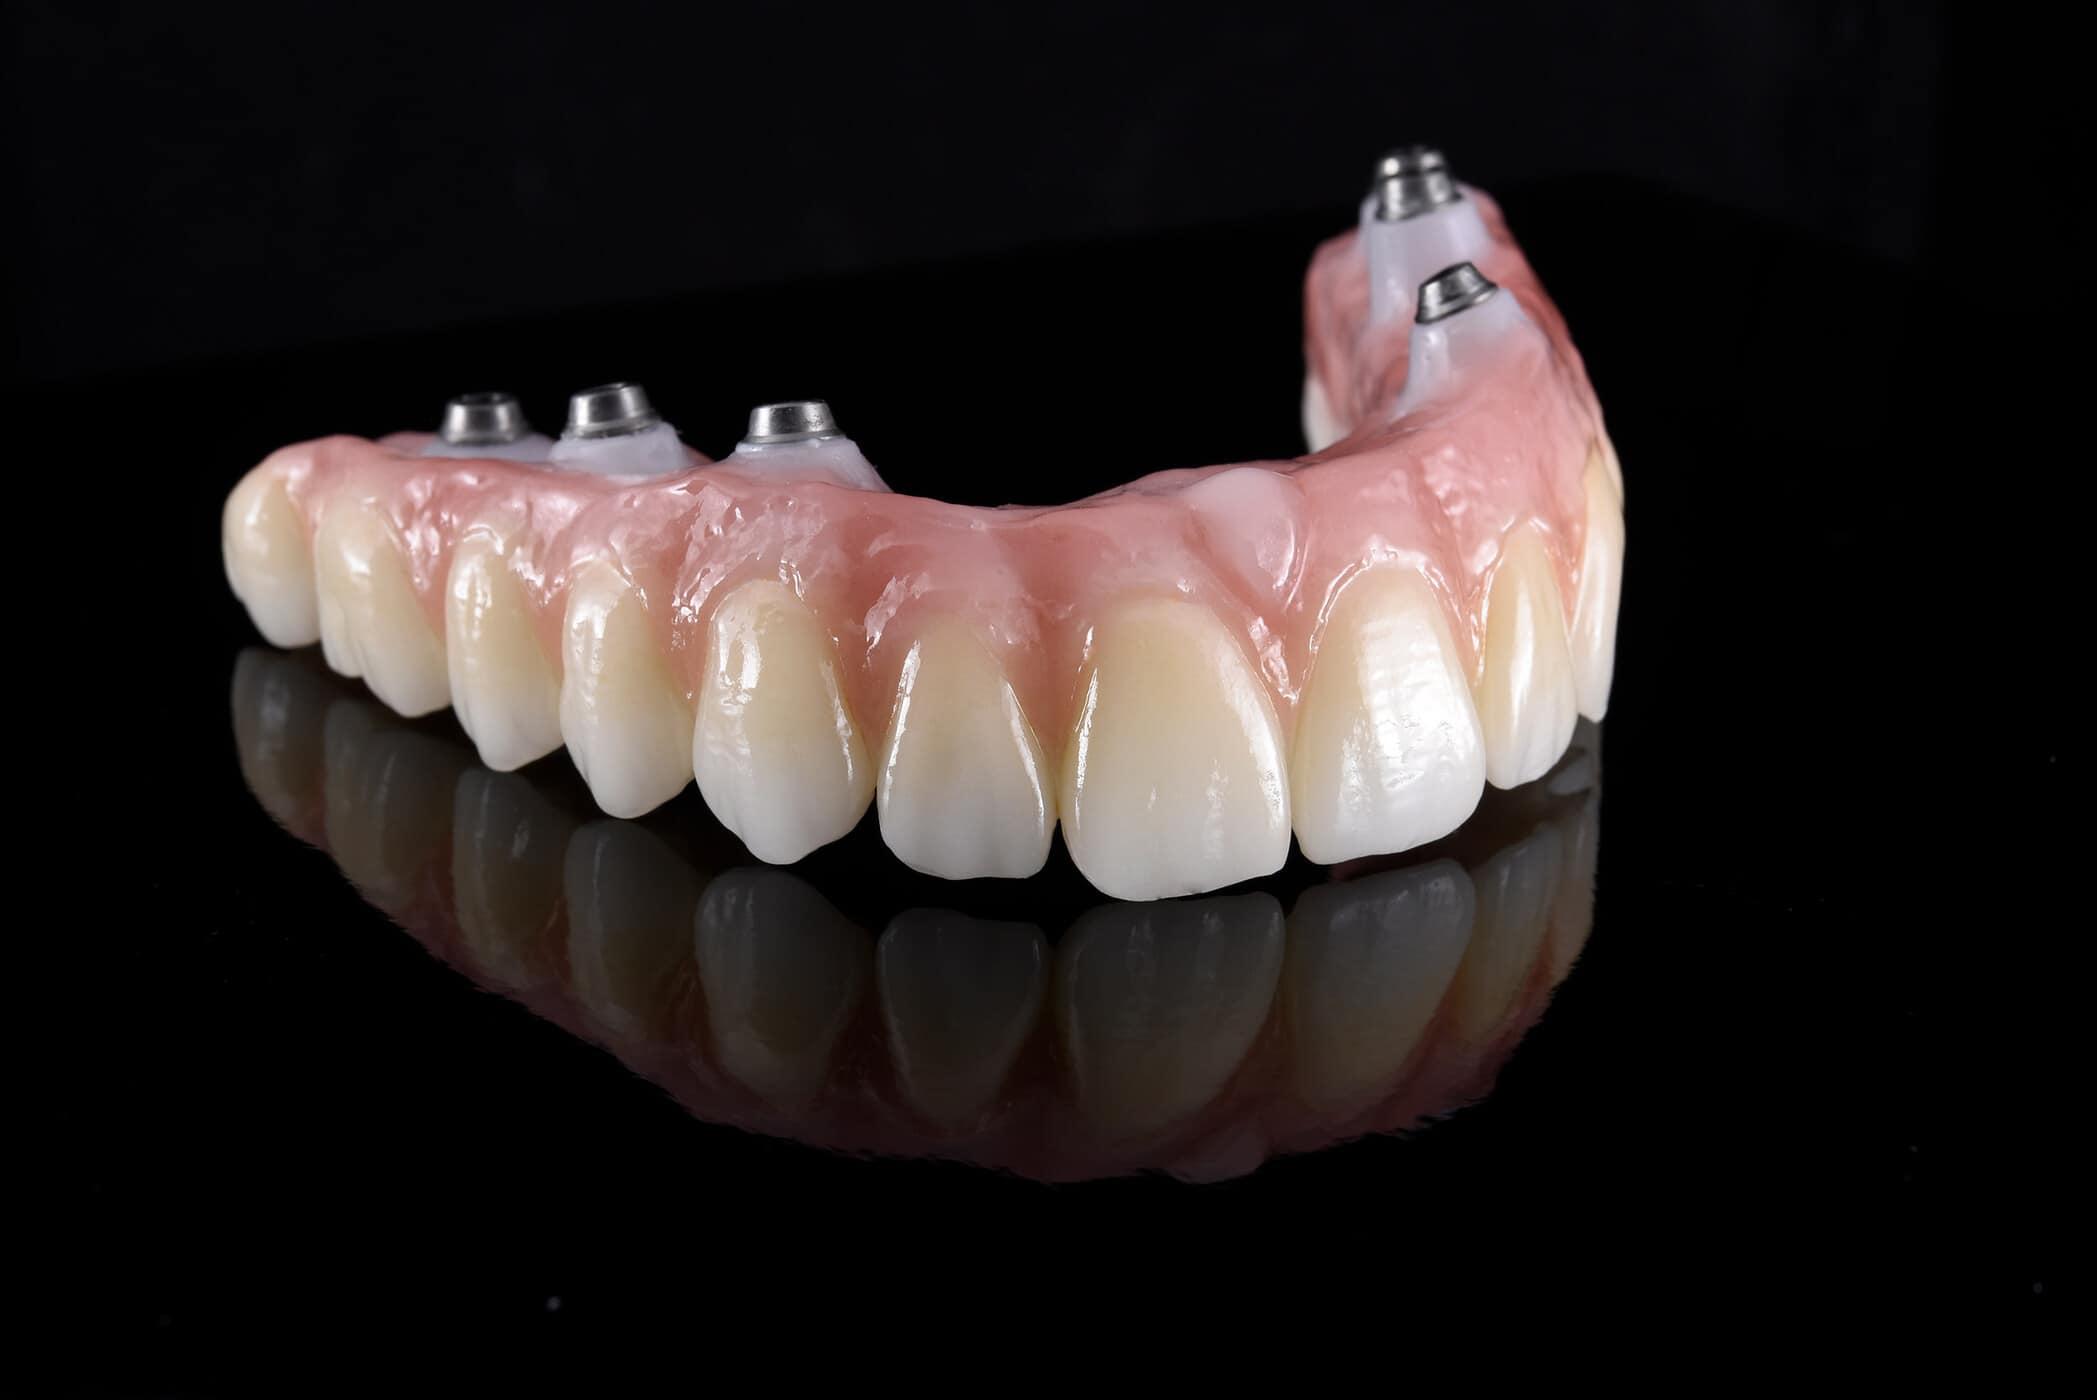 انواع تركيبات الاسنان الزيركون